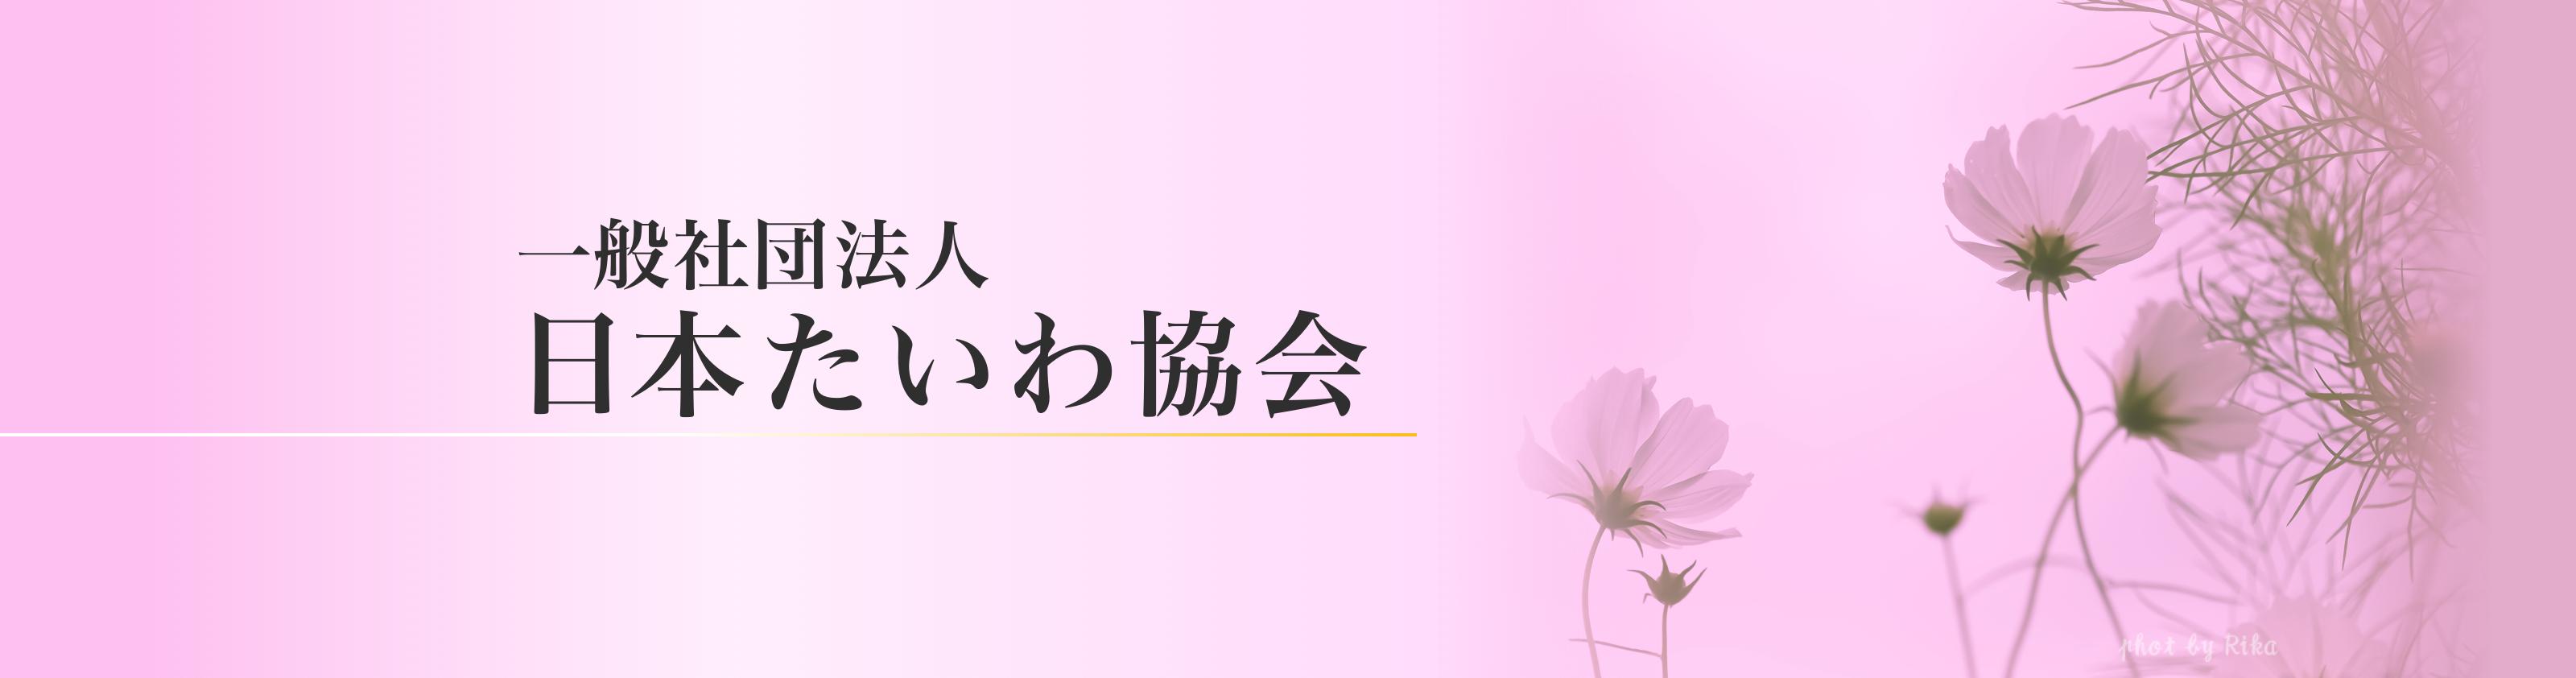 一般社団法人日本たいわ協会